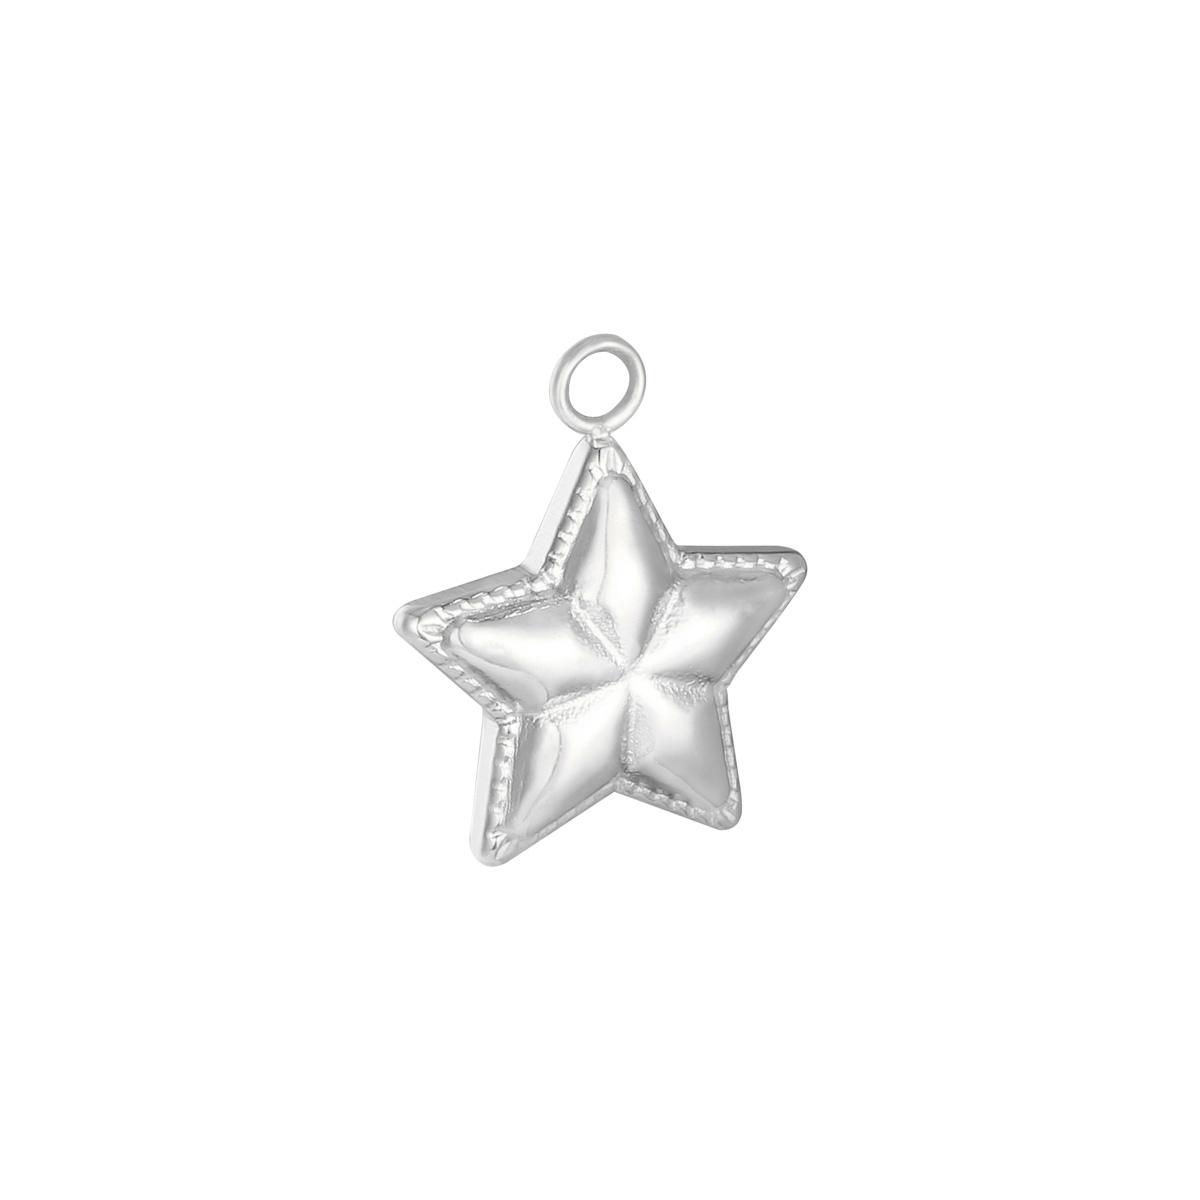 Stainless Steel Ster Charm voor aan je ketting oorbellen of armband